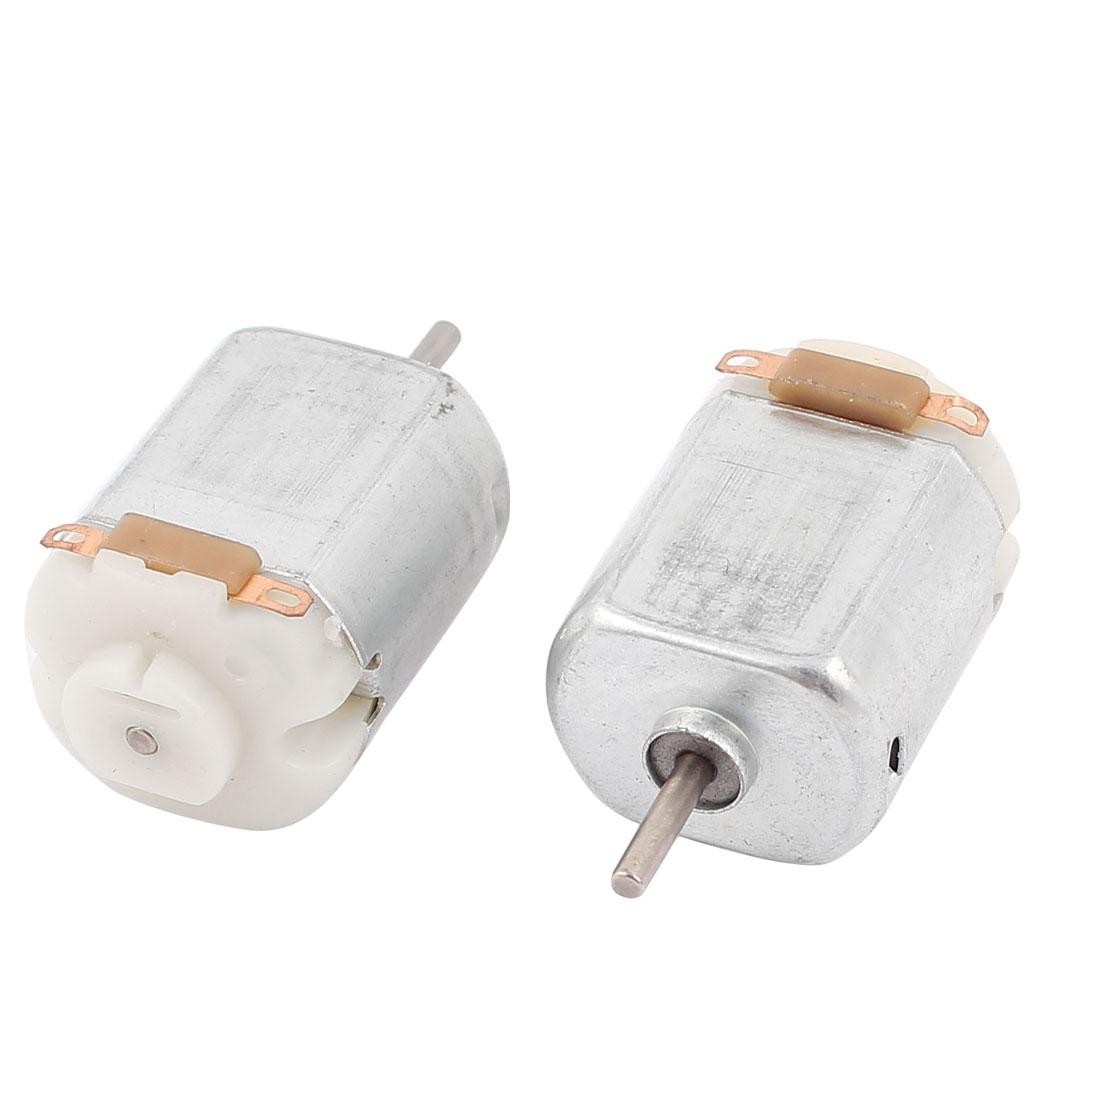 2 Pcs DC 6V 12500RPM 2mm Shaft Magnetic Motor for DIY Toys Cars